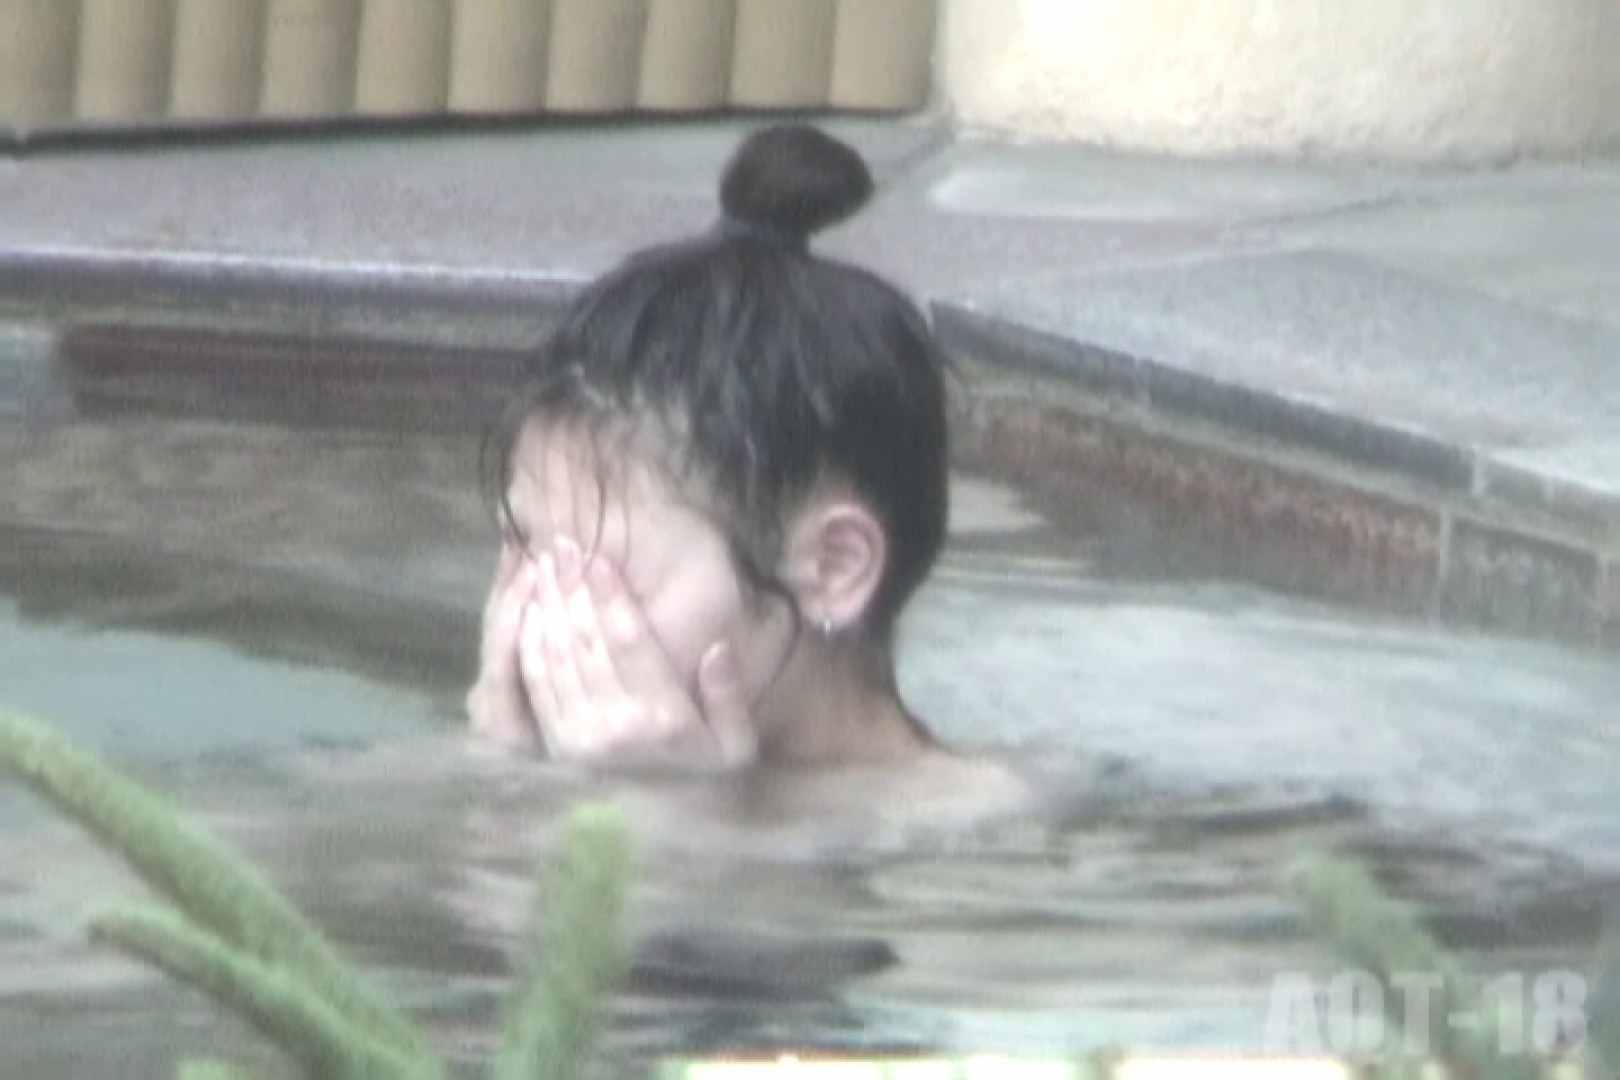 Aquaな露天風呂Vol.855 盗撮 セックス画像 67画像 20